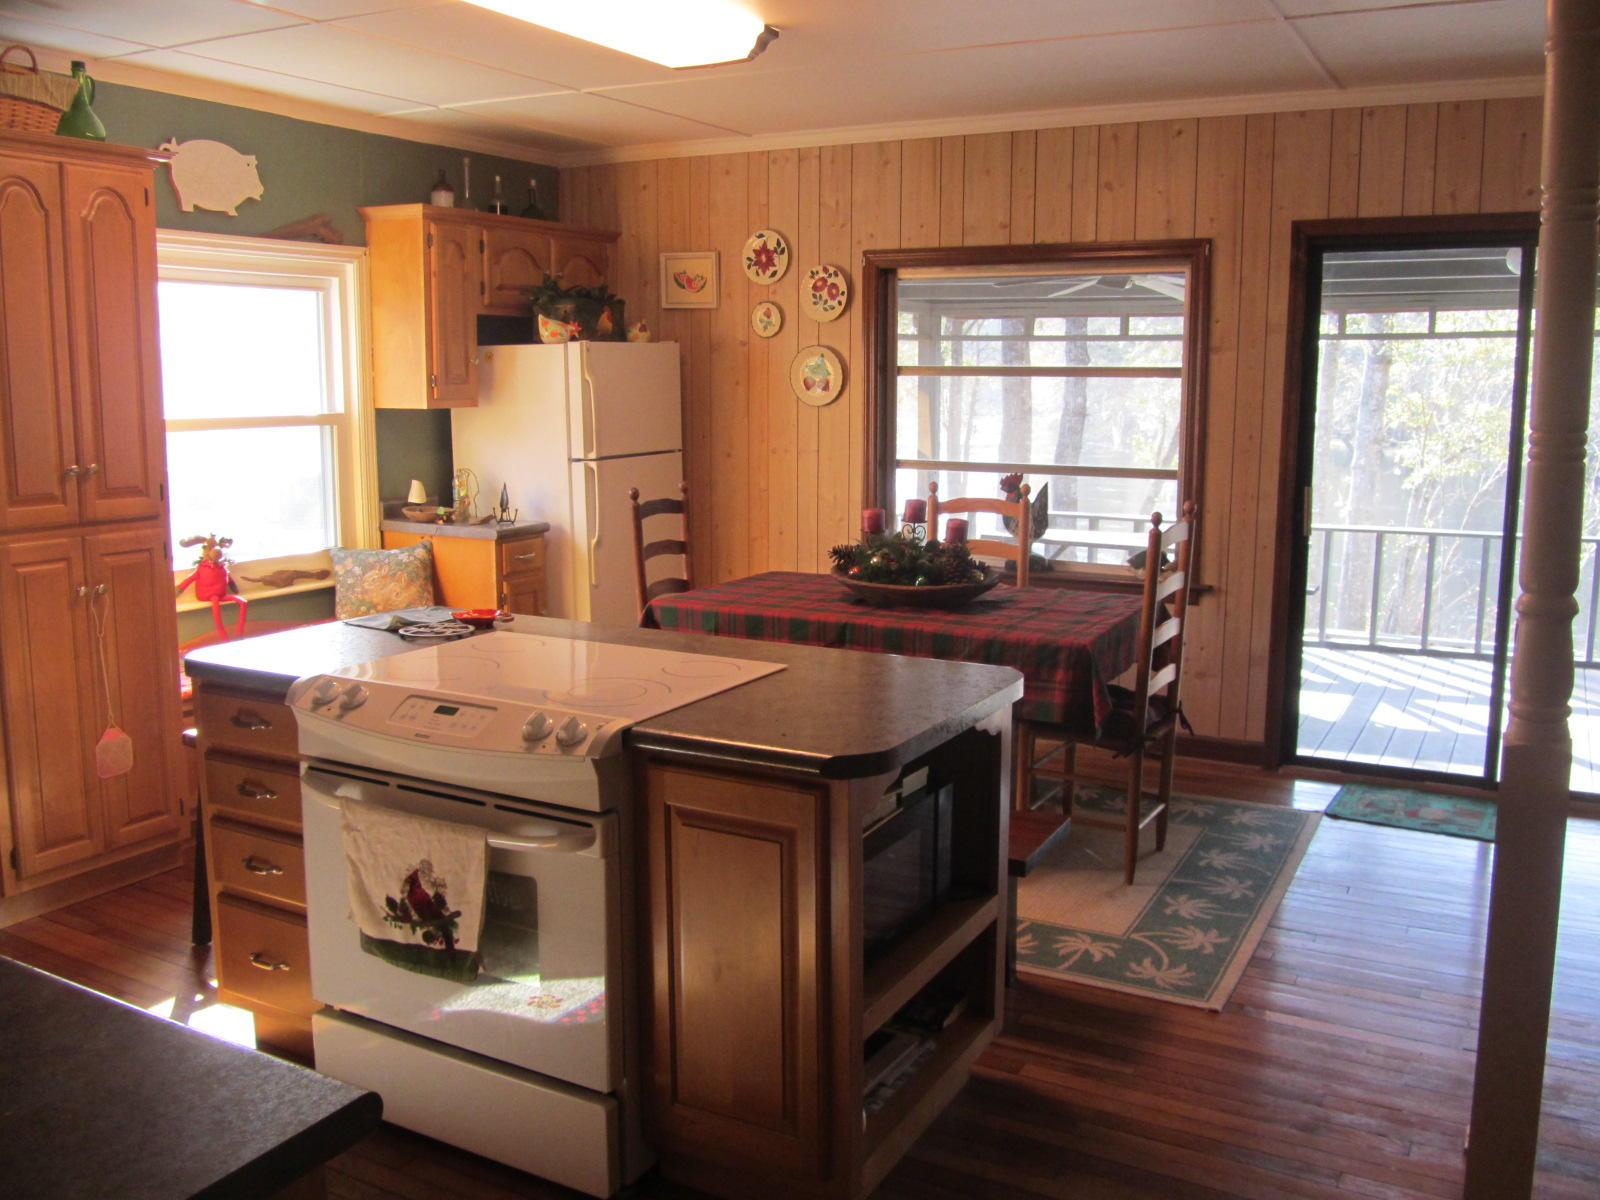 Edisto River Homes For Sale - 265 Blackwater, Round O, SC - 8